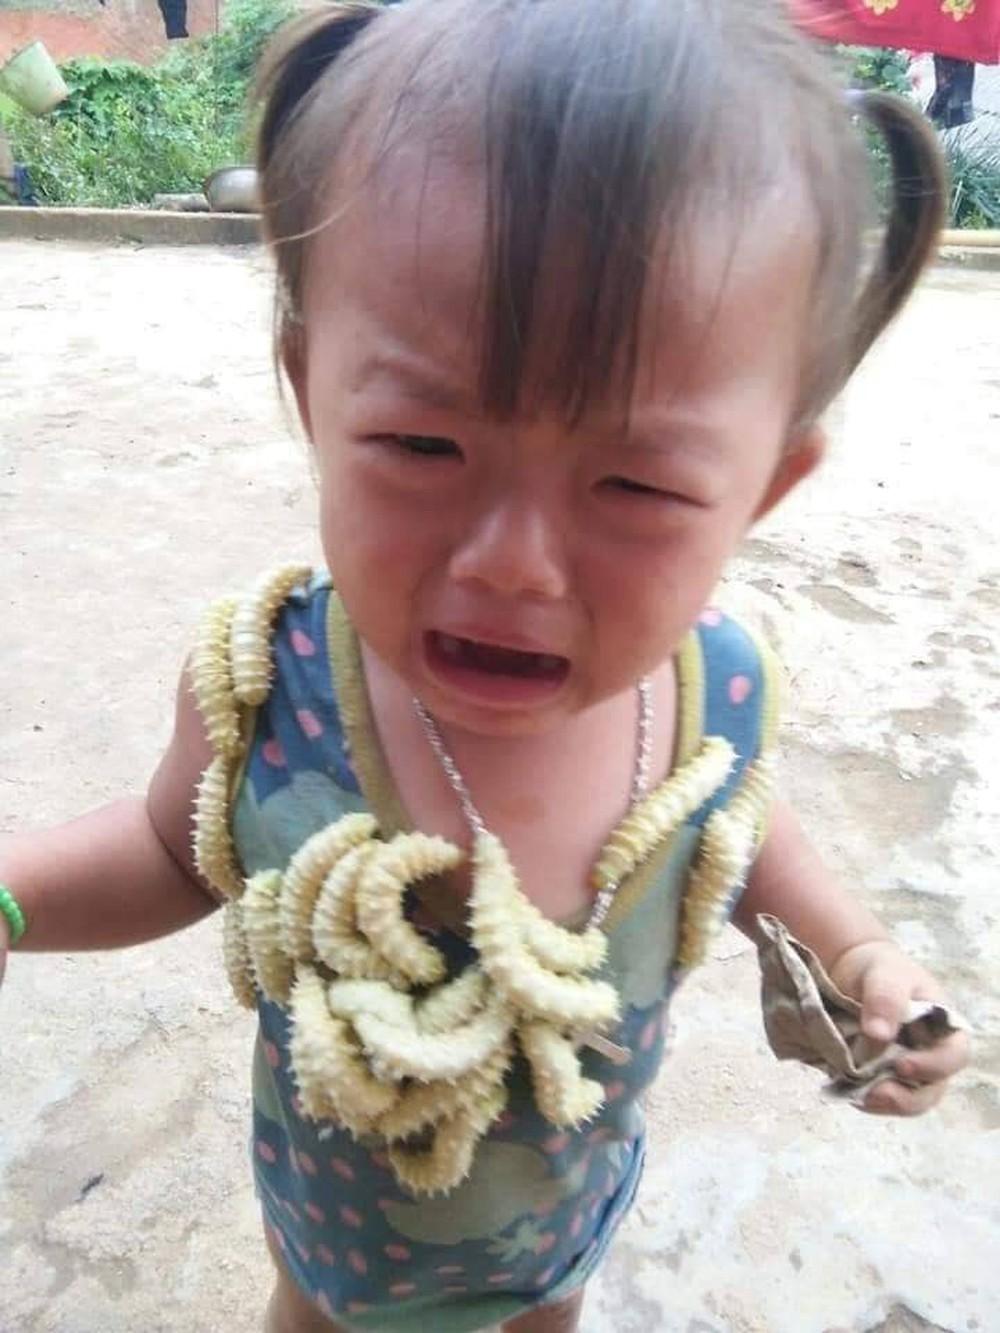 Biểu cảm của em bé khi bị lũ tằm bò lên người gây sốt MXH hôm nay, câu chuyện phía sau gây tranh cãi dữ dội - Ảnh 3.